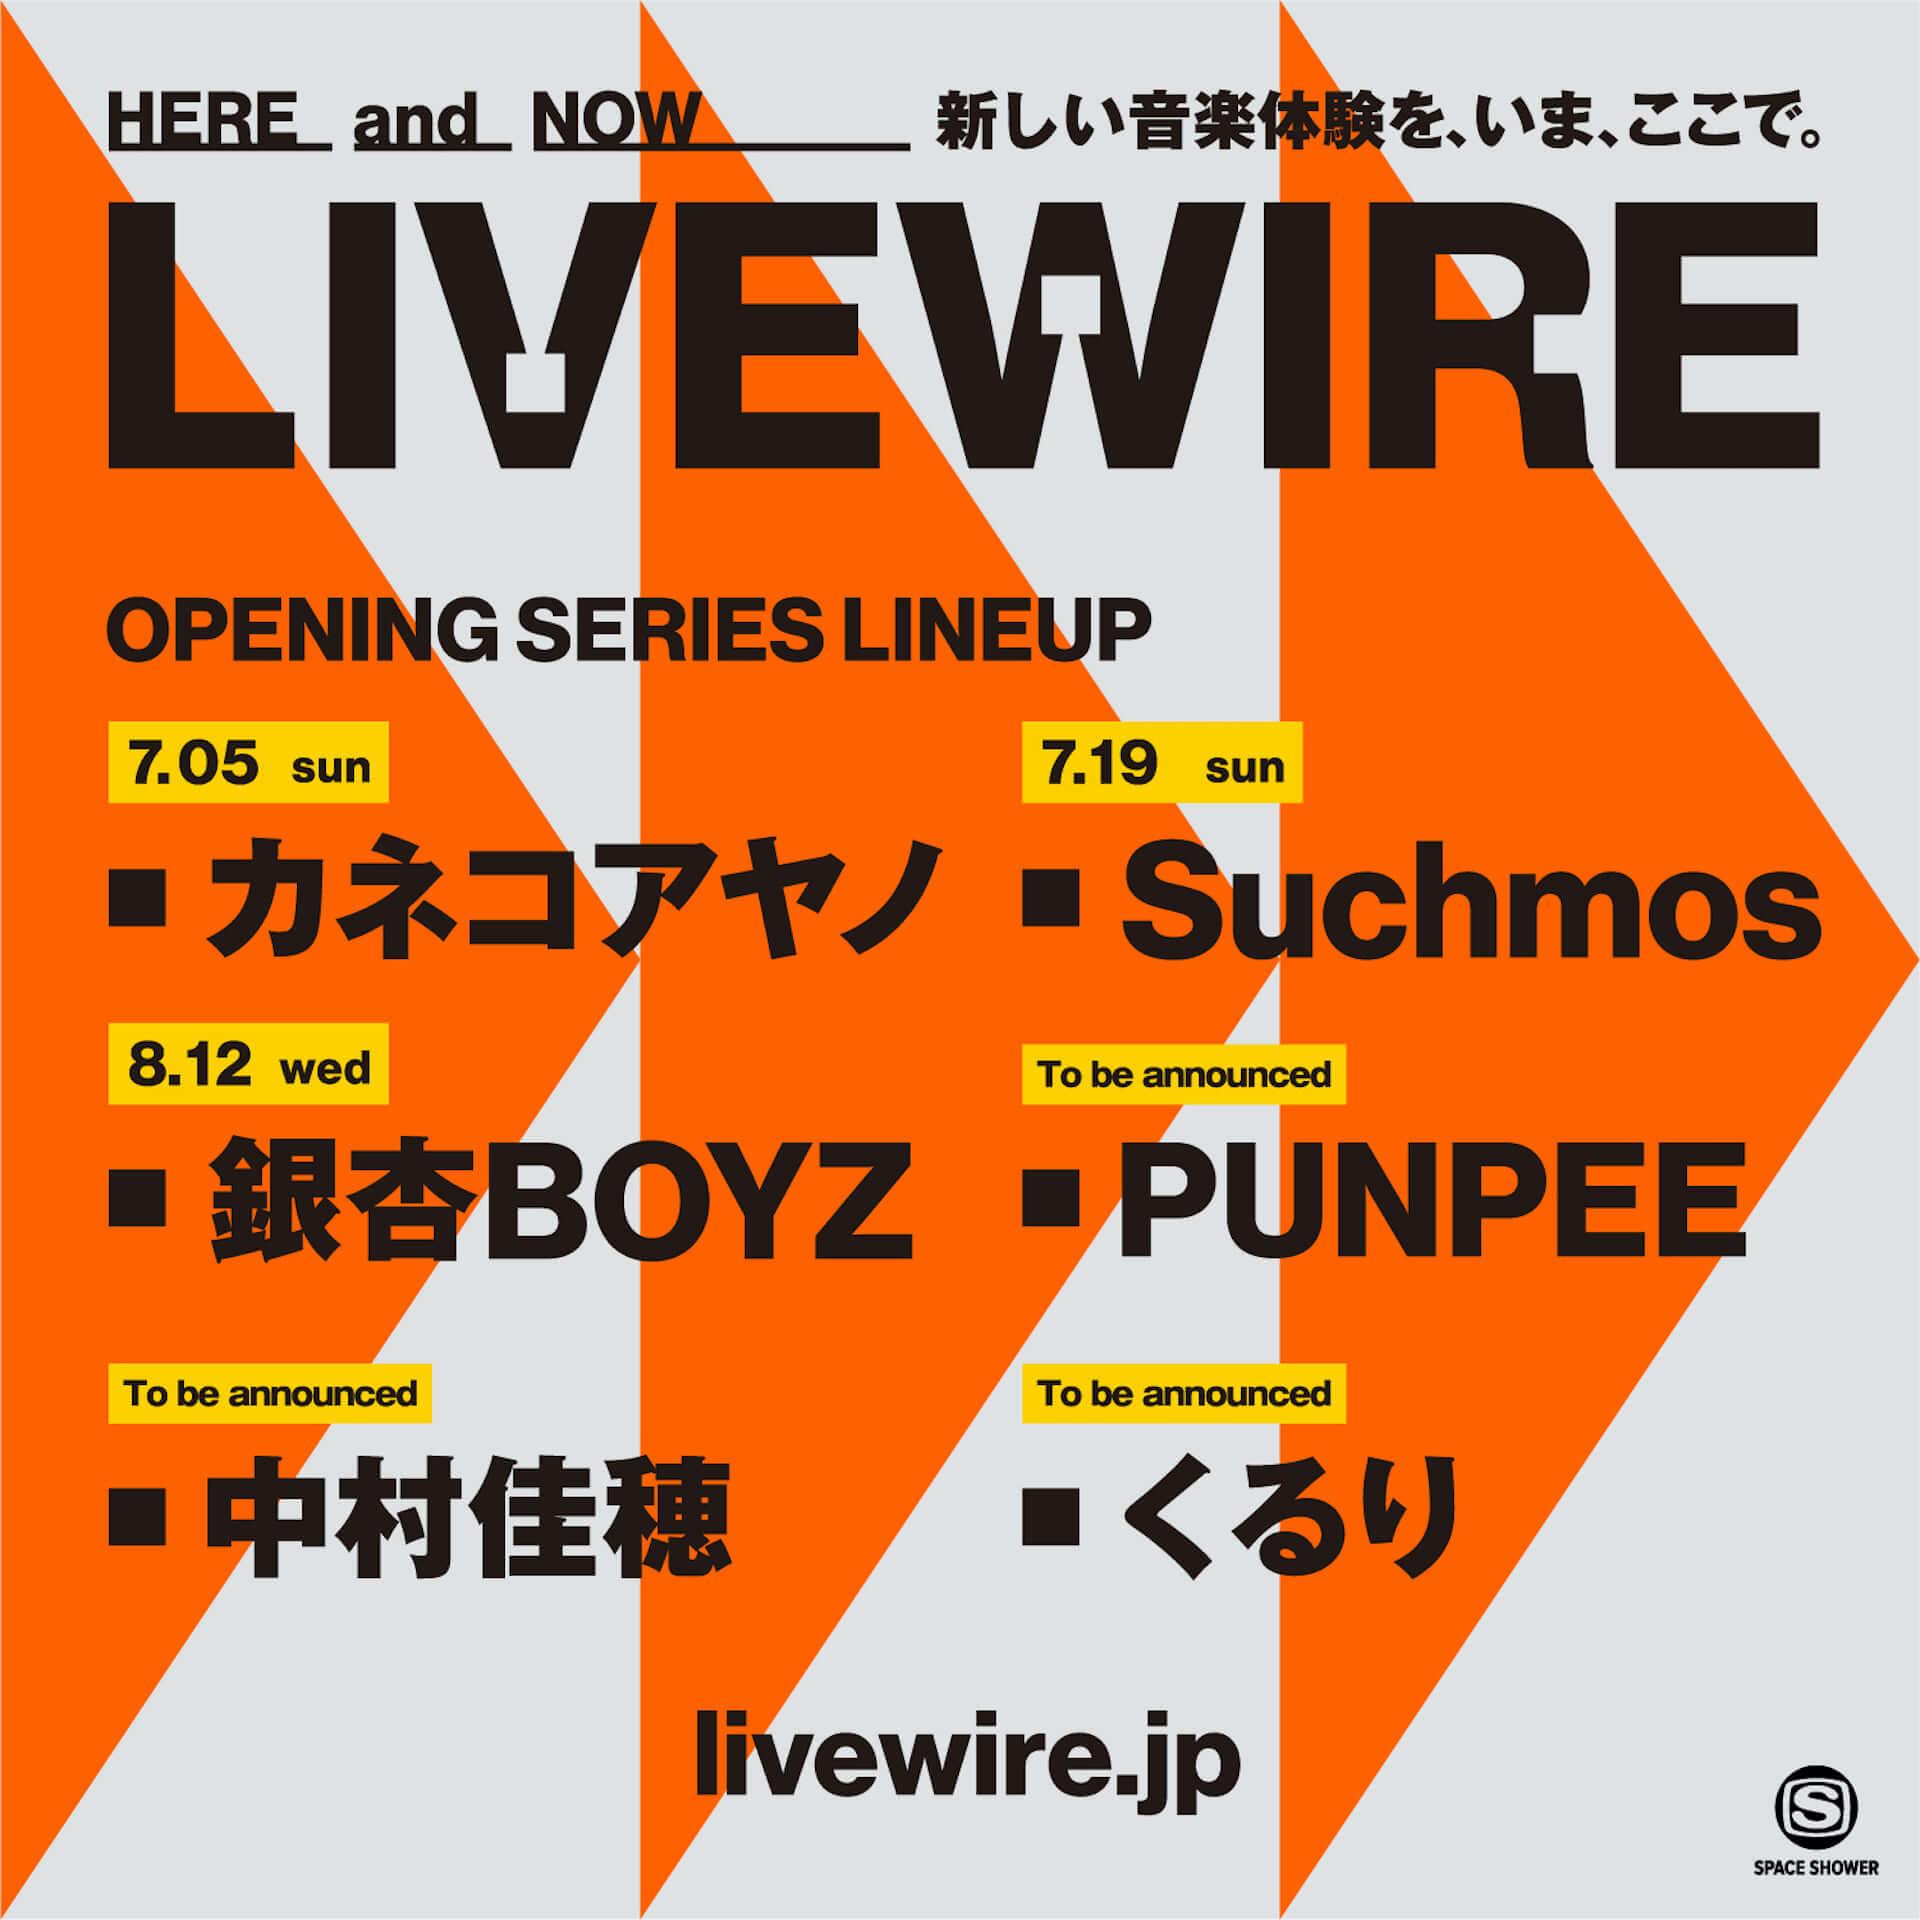 スペシャがオンライン・ライブハウス「LIVEWIRE」を始動 第1弾にPUNPEE、銀杏BOYZ、Suchmos、中村佳穂、カネコアヤノ、くるりが登場 music200615_livewire_2-1920x1920